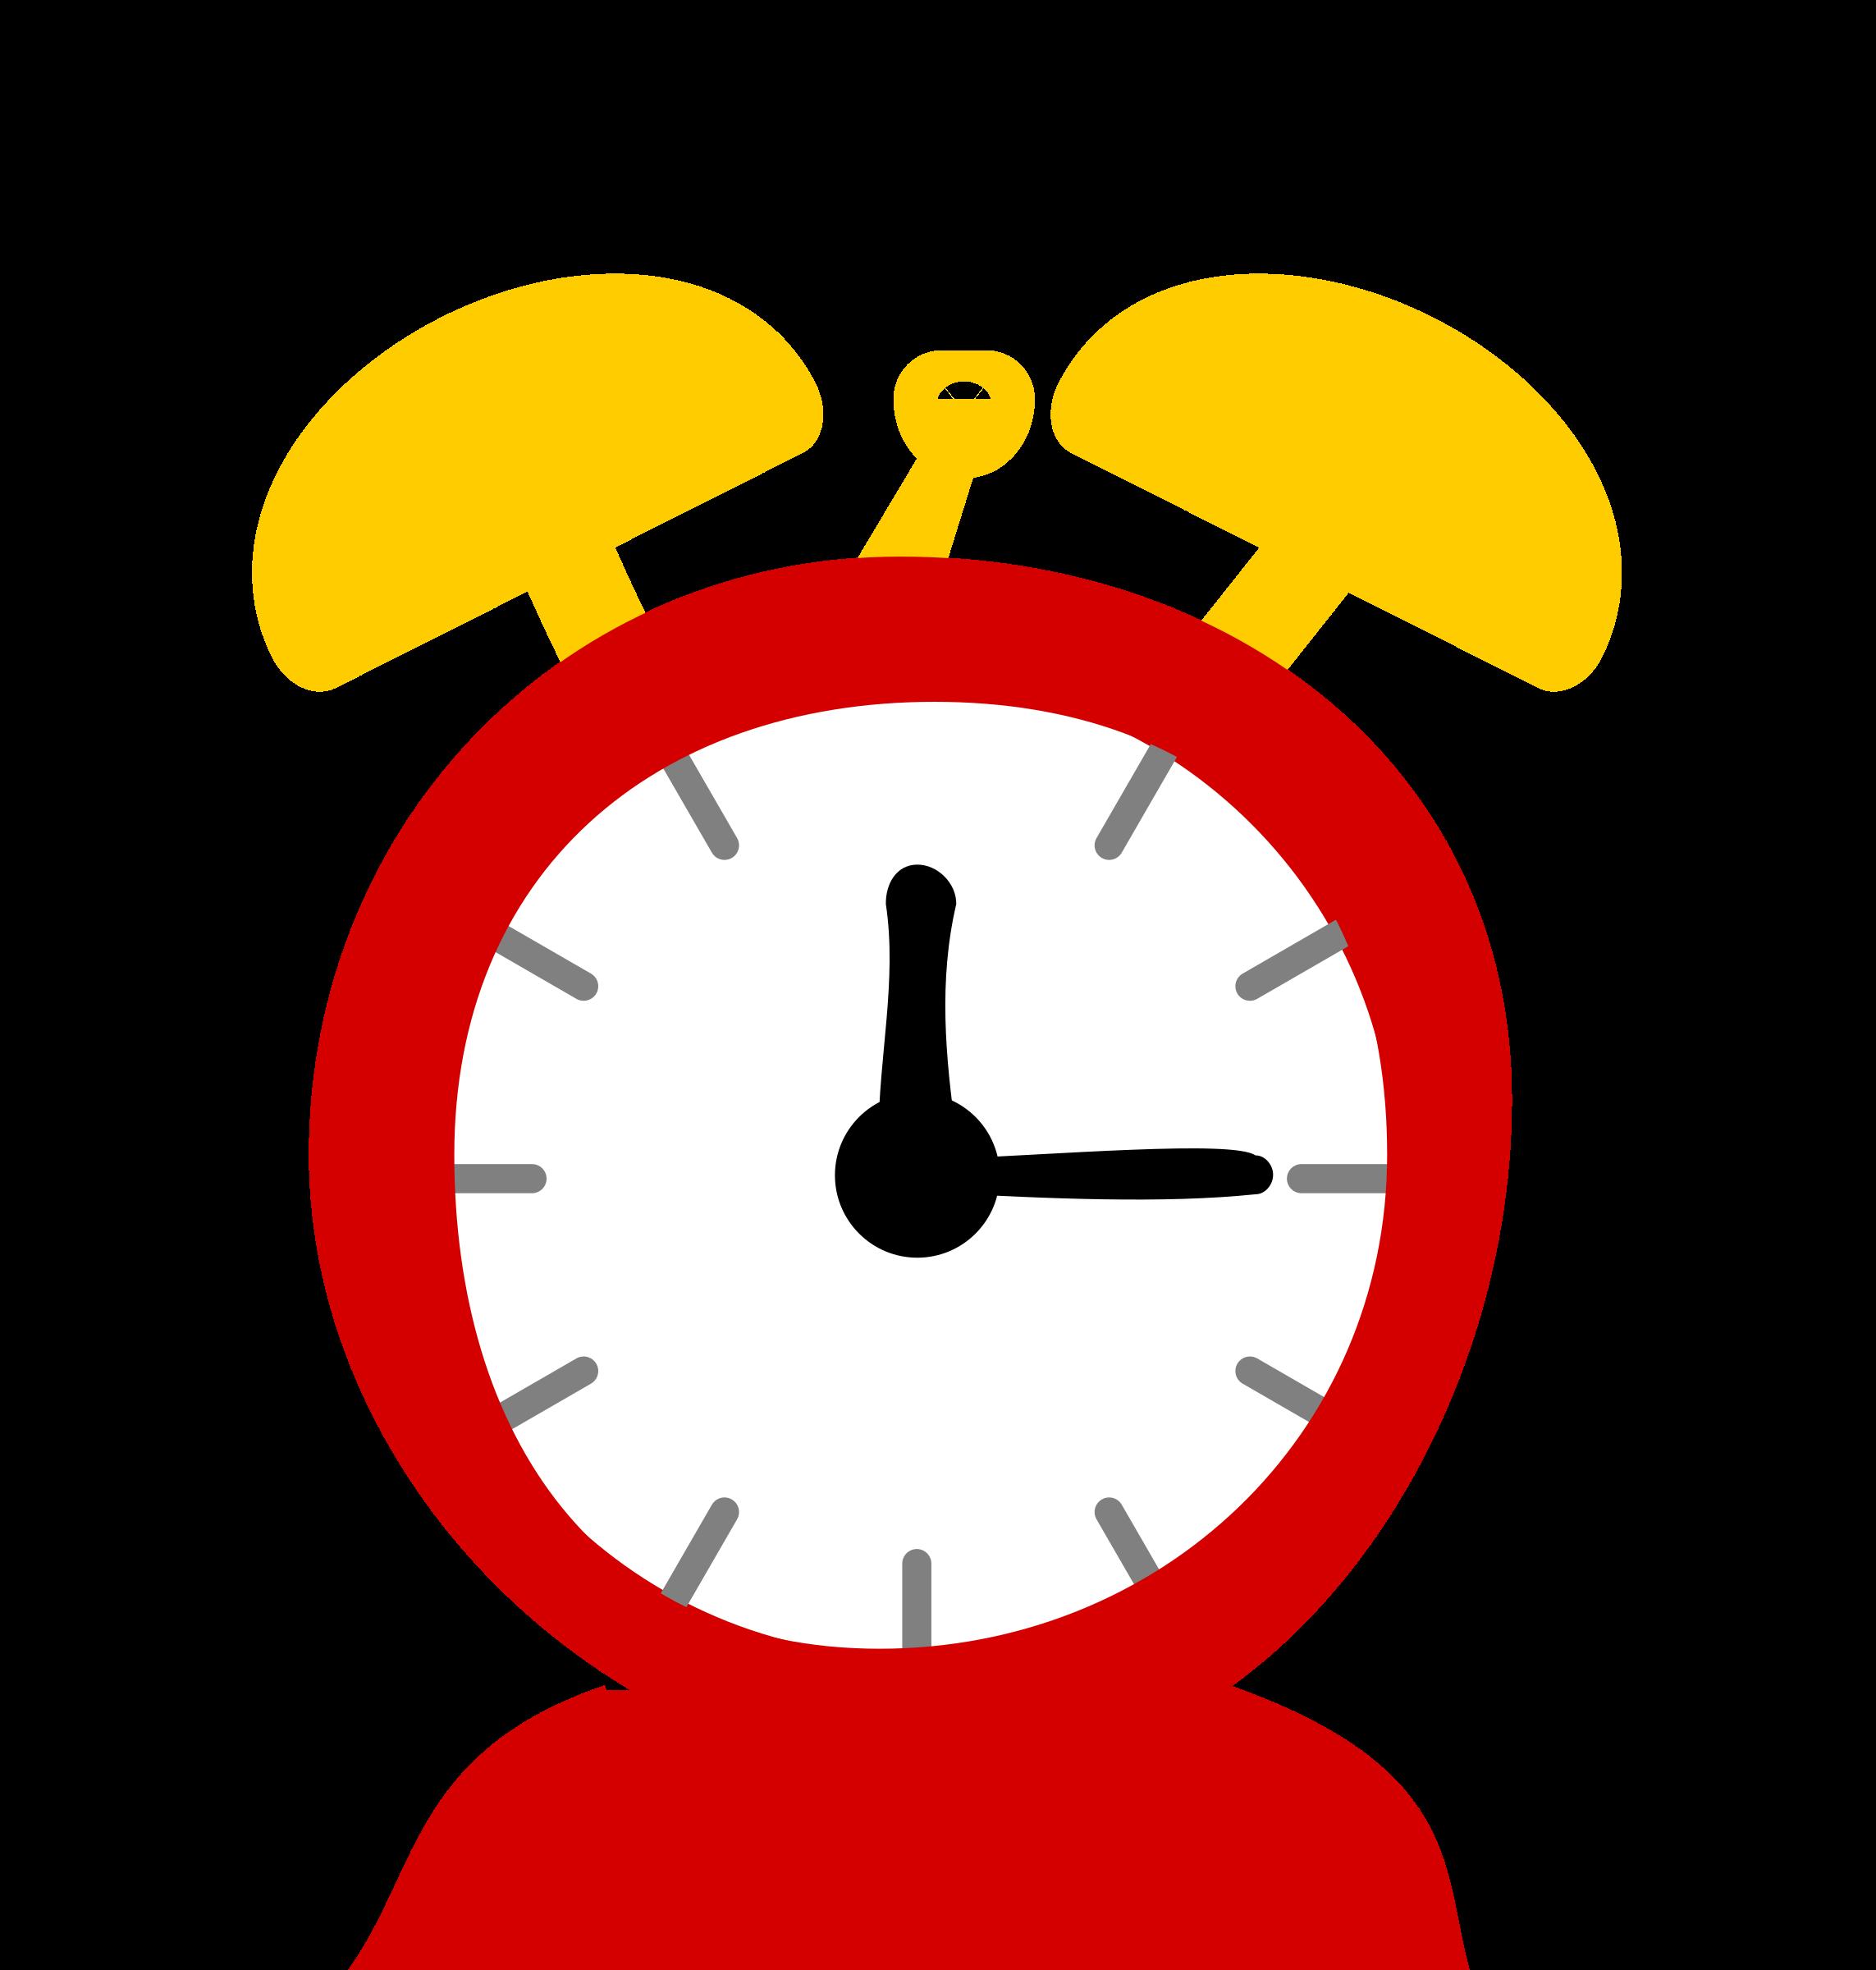 Moving clipart alarm clock Com clock Clock Clipart alarm